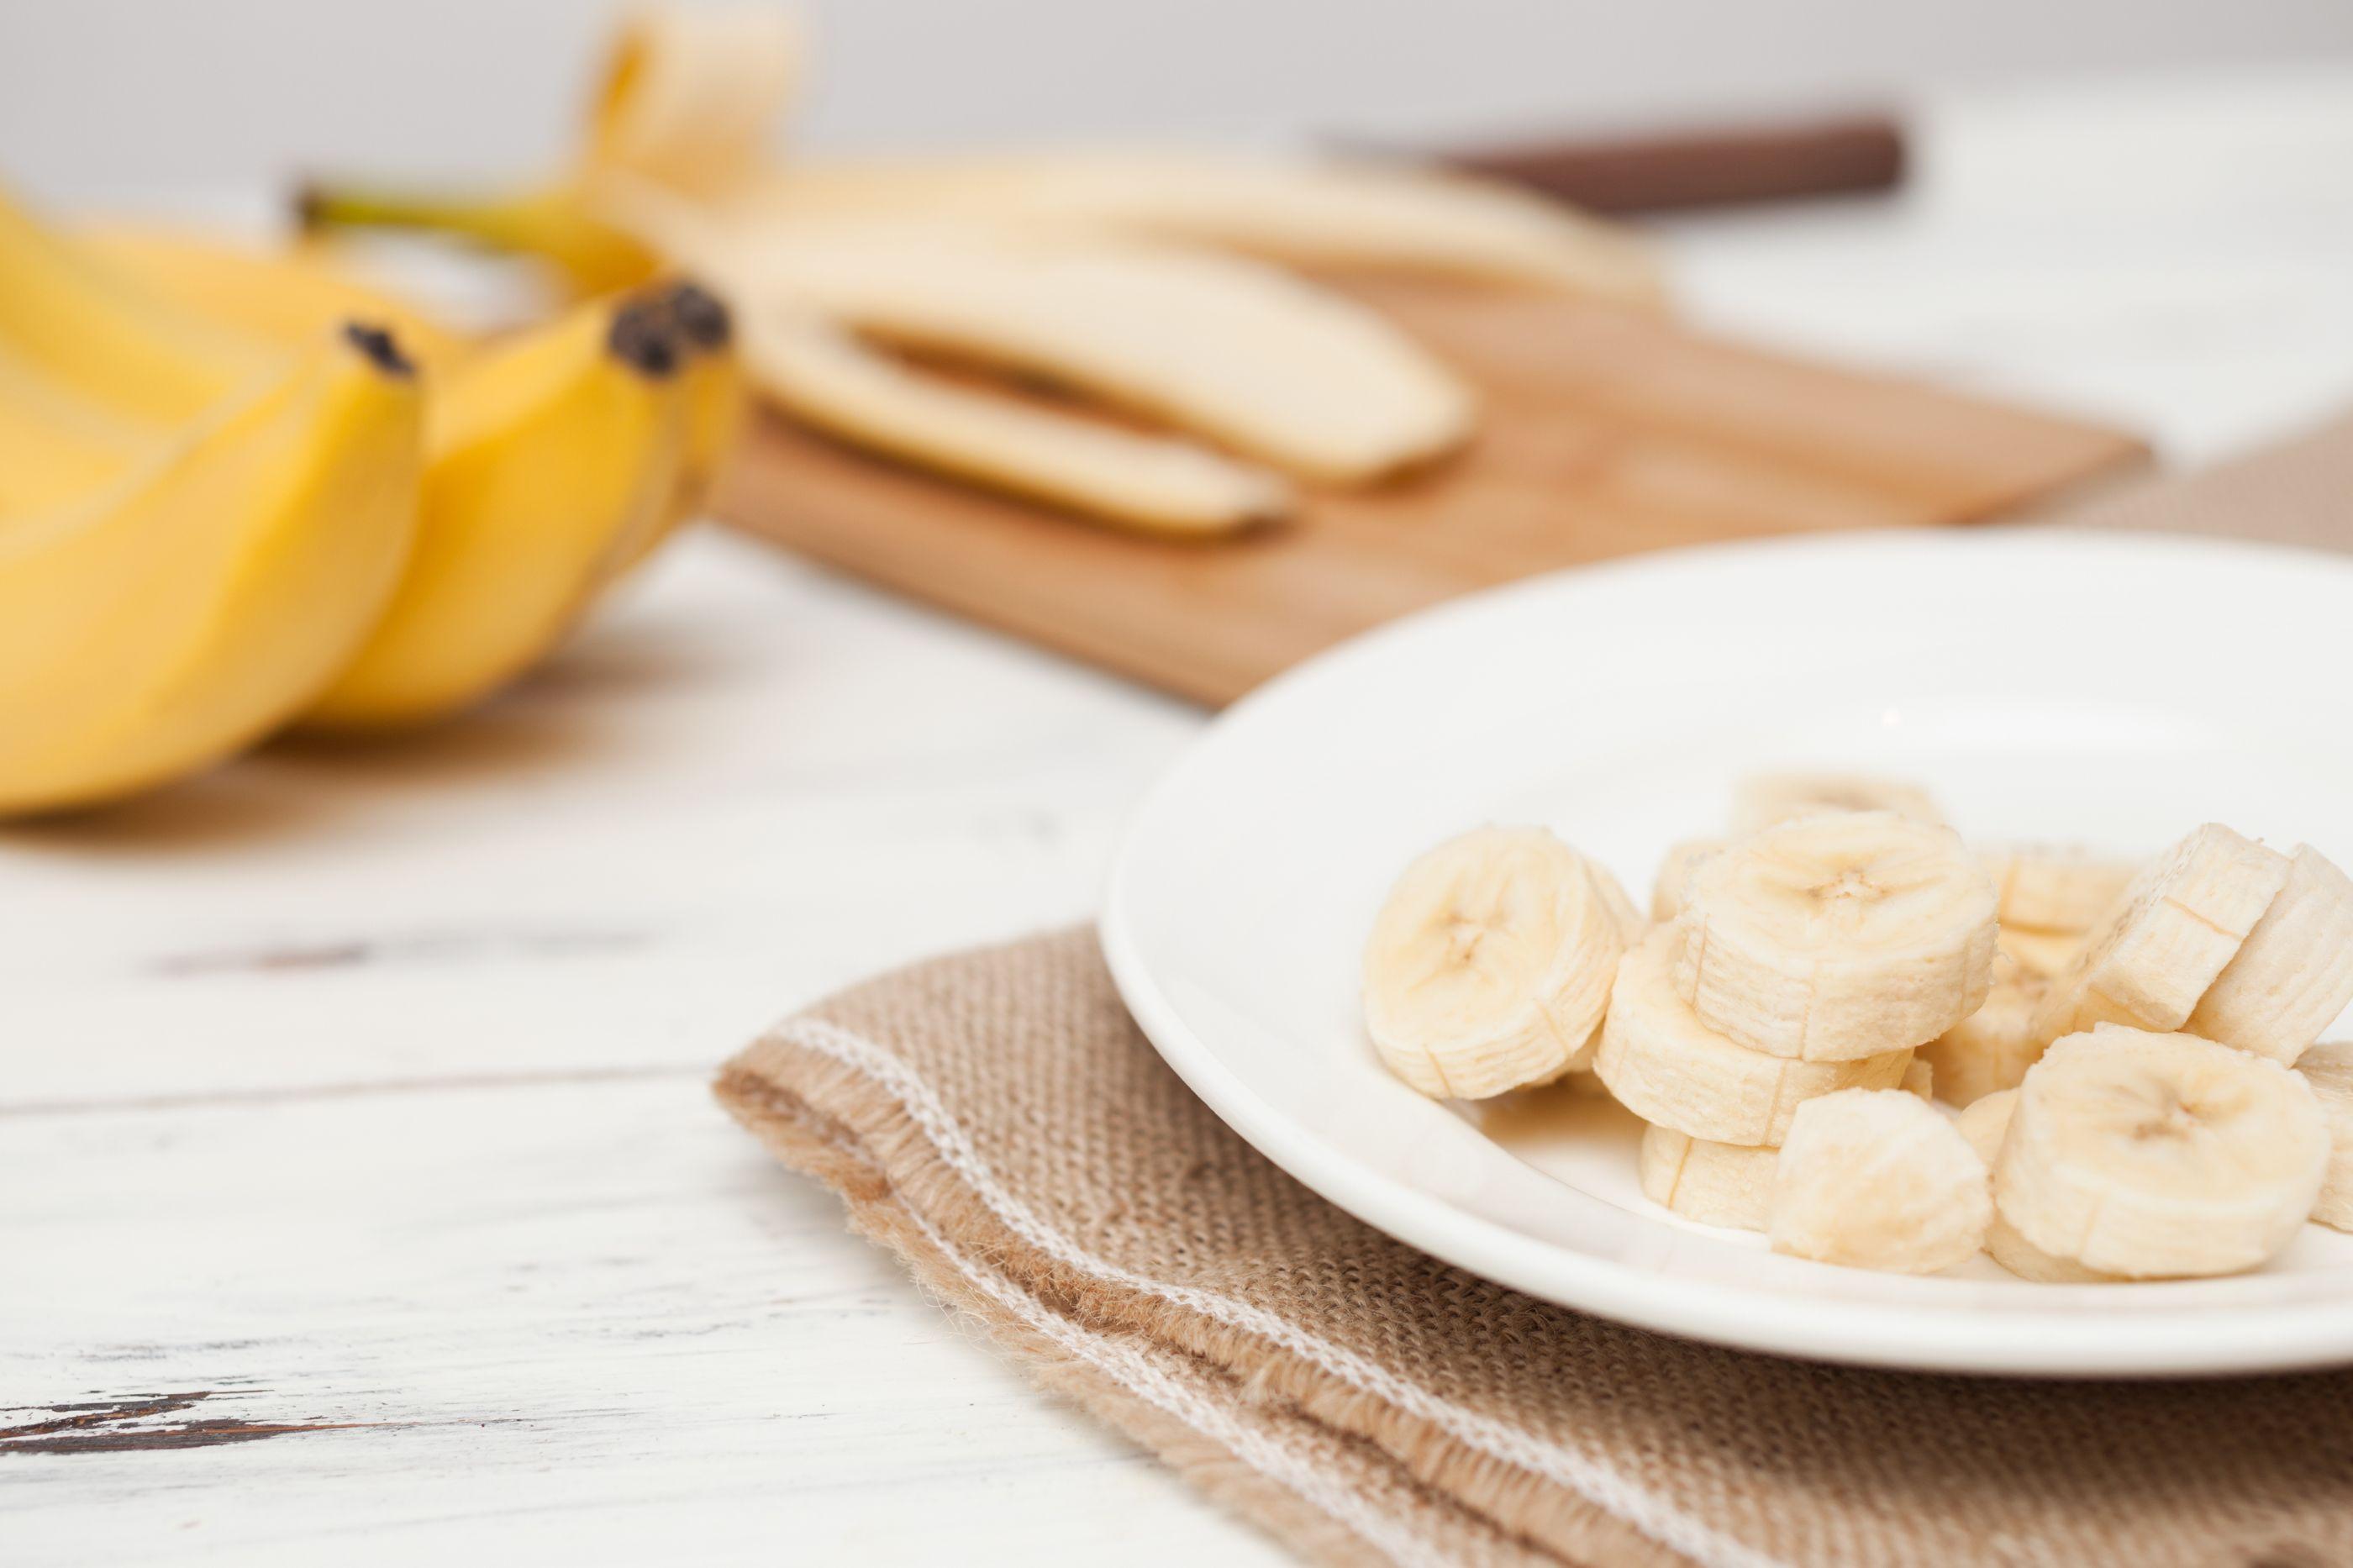 Damos-lhe dez razões por que deve mesmo comer bananas